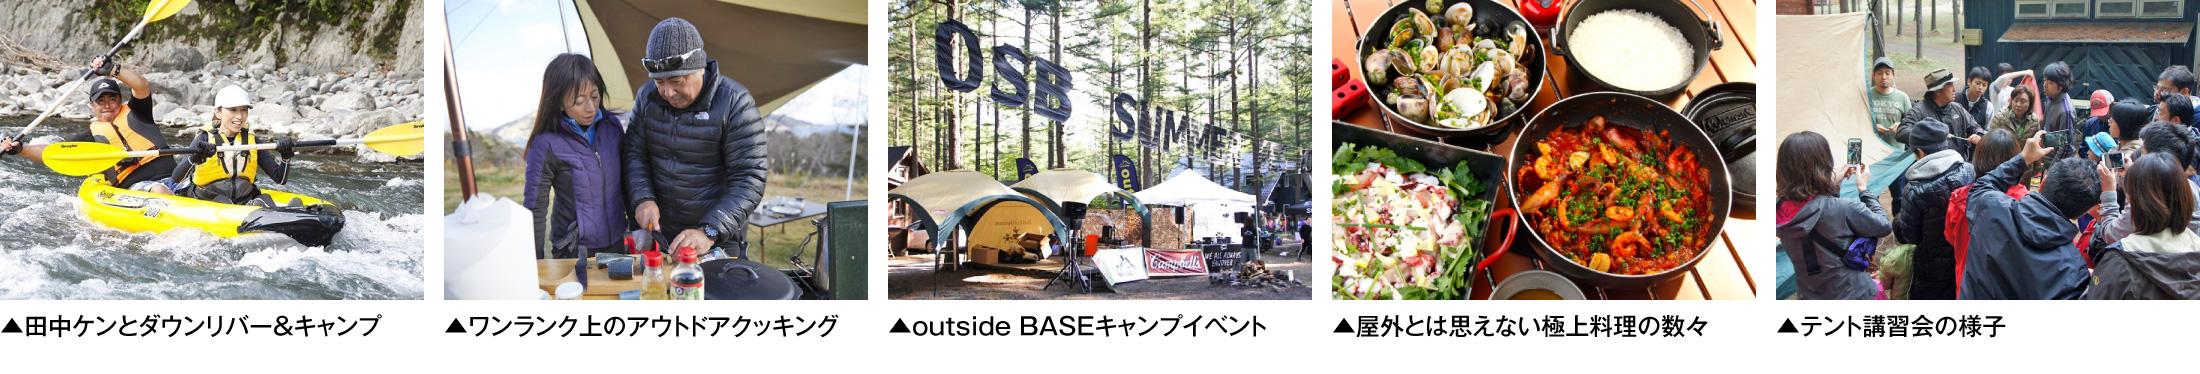 ログハウス,田中ケン,ousidecamp体験